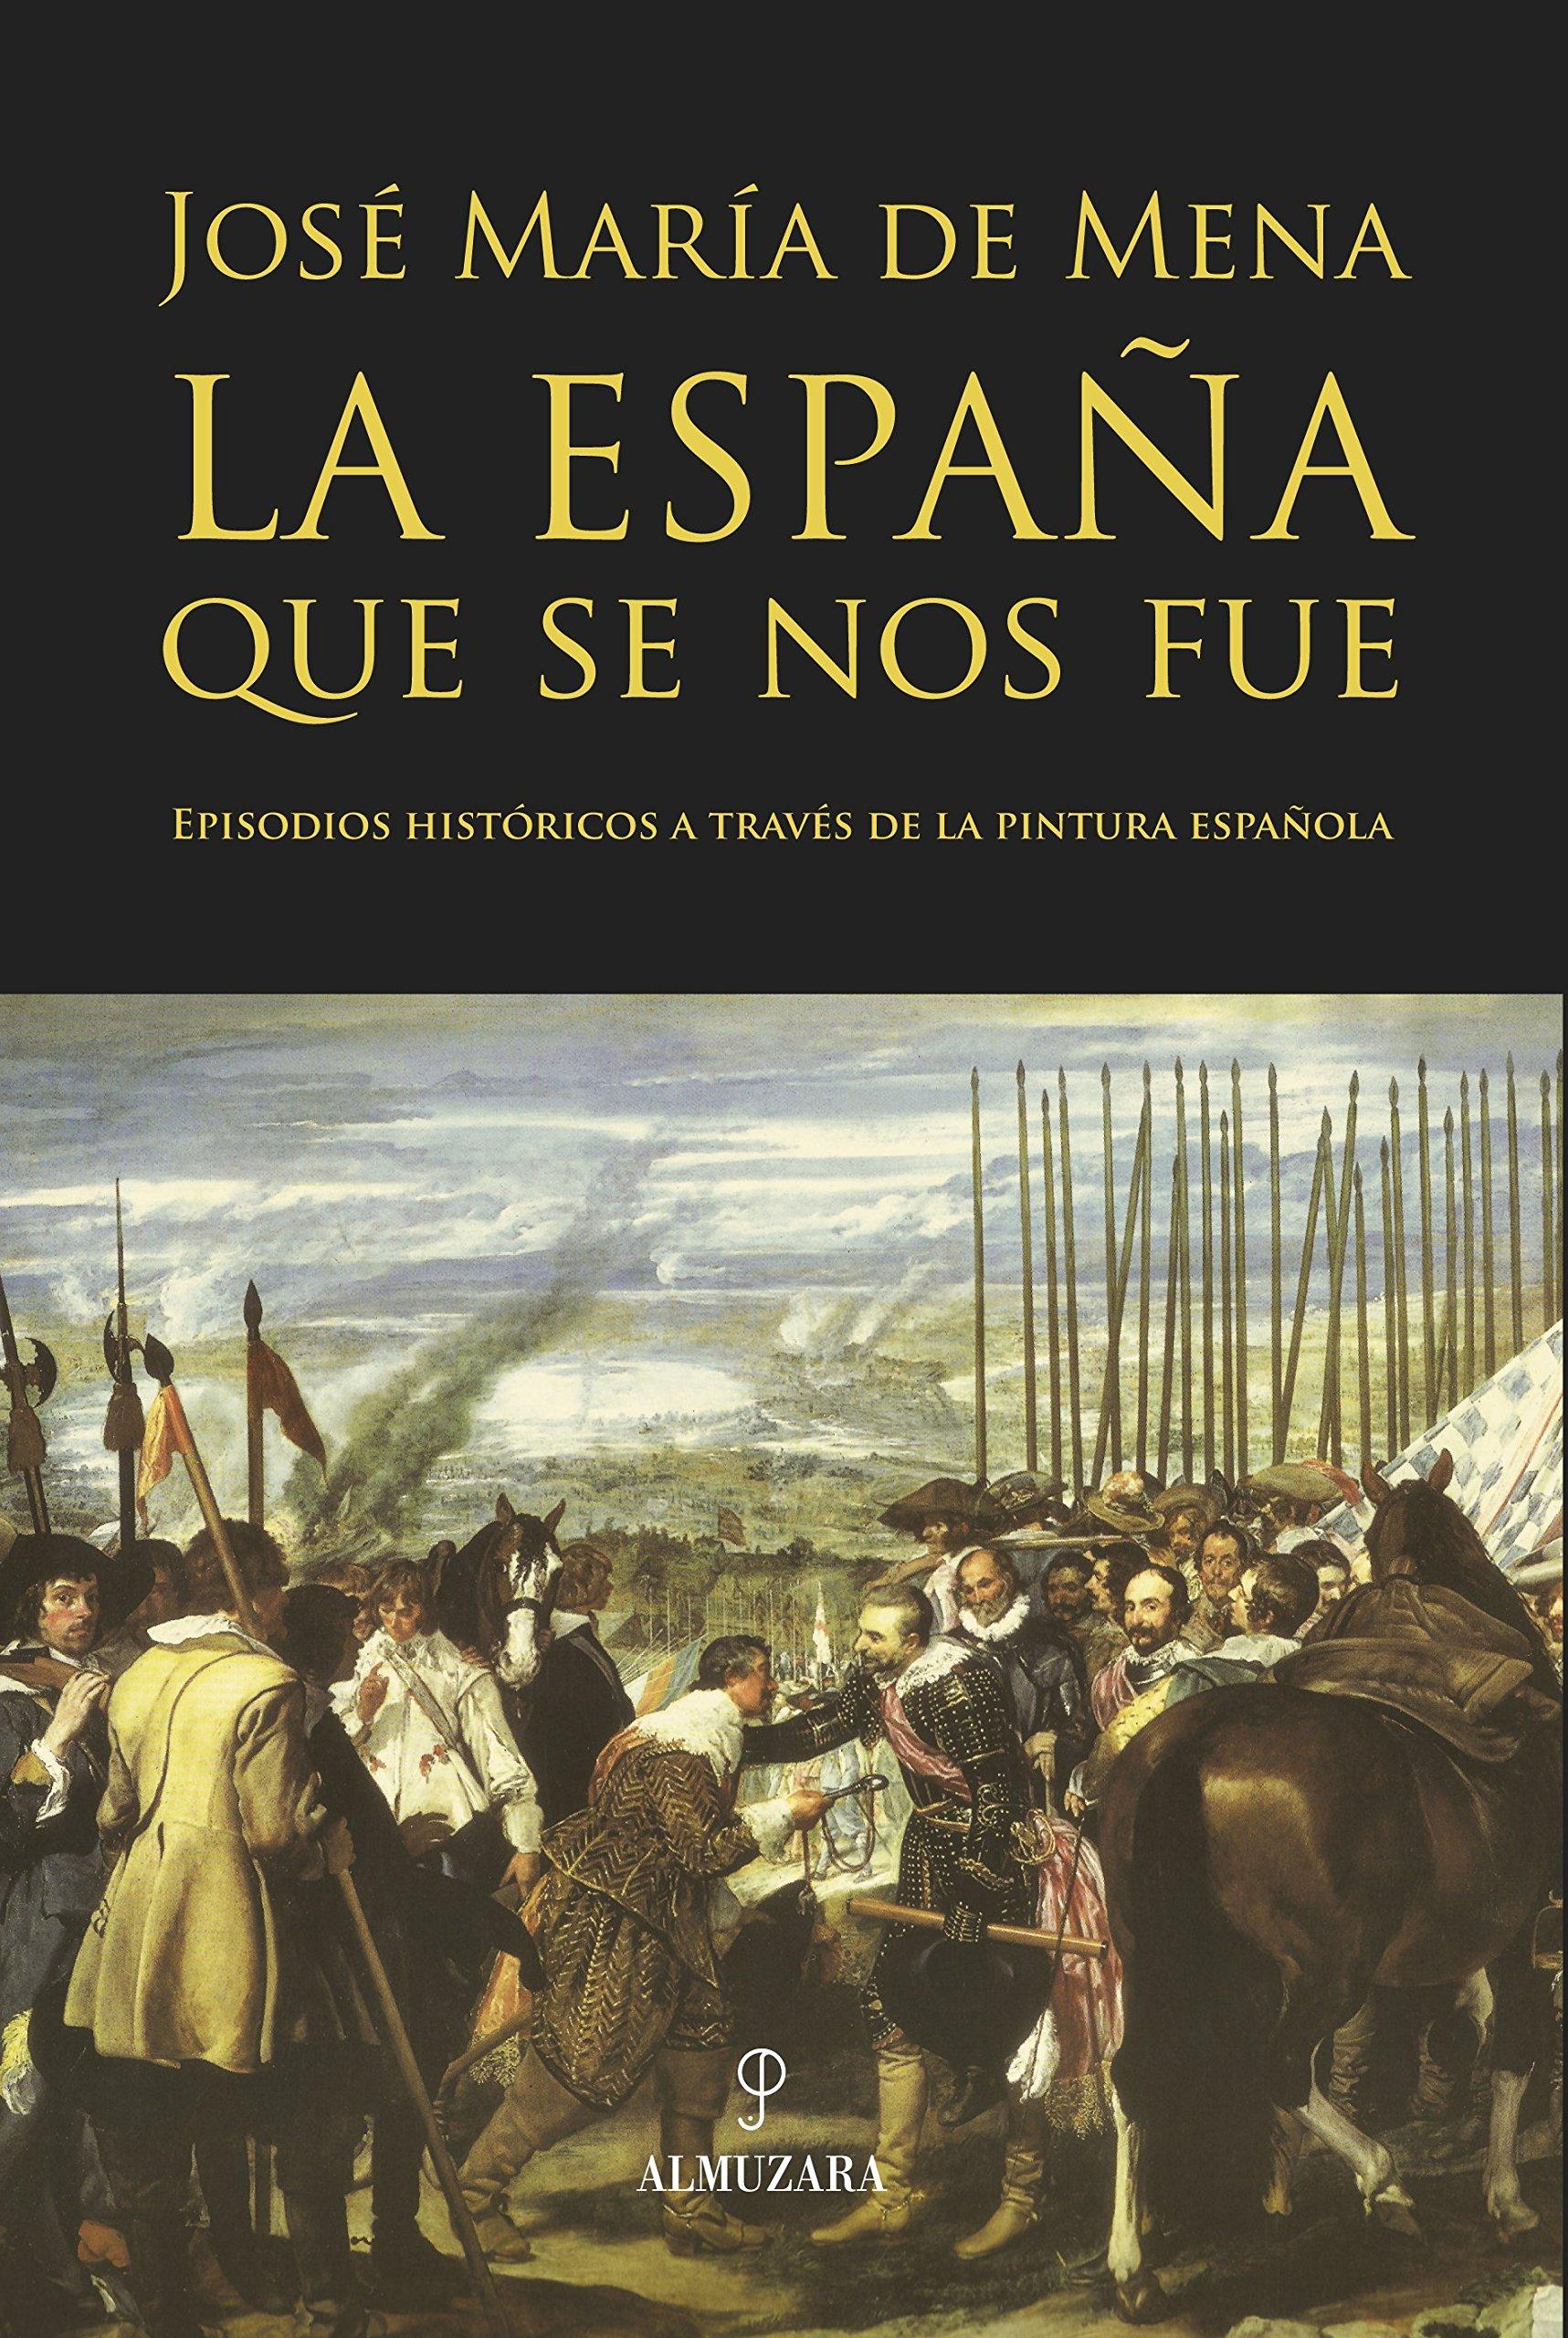 La España que se nos fue: Episodios históricos a través de la pintura española: Amazon.es: de Mena Calvo, José María: Libros